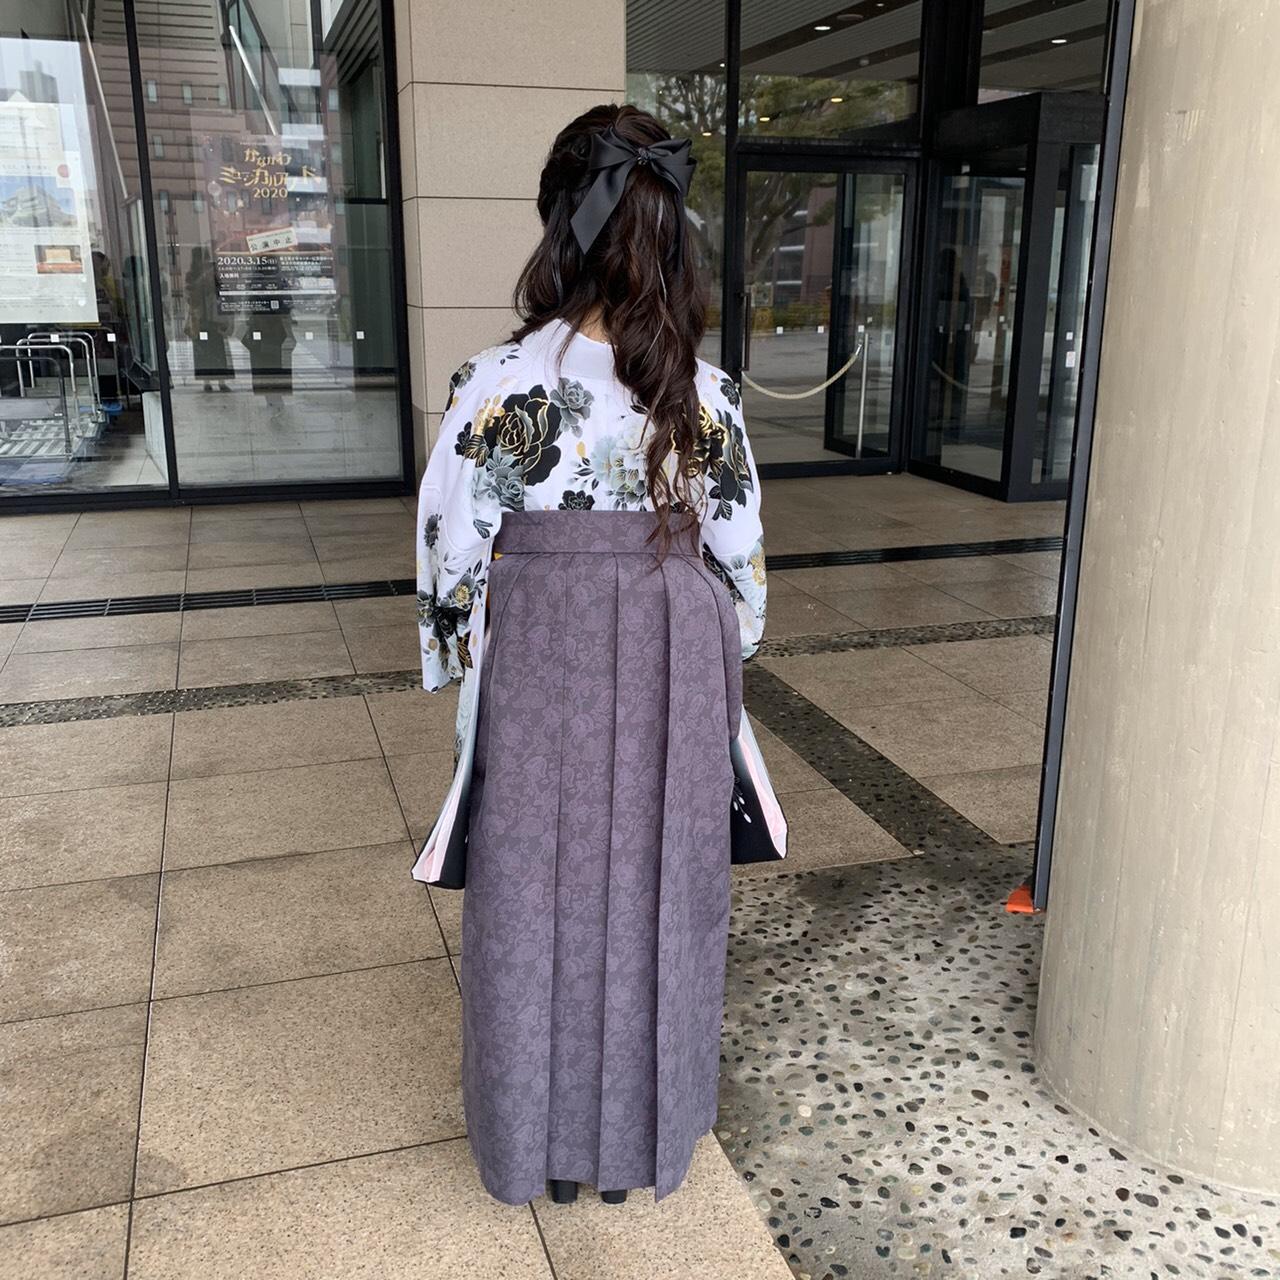 卒業式当日も人とは違った袴でとても気に入りました!!